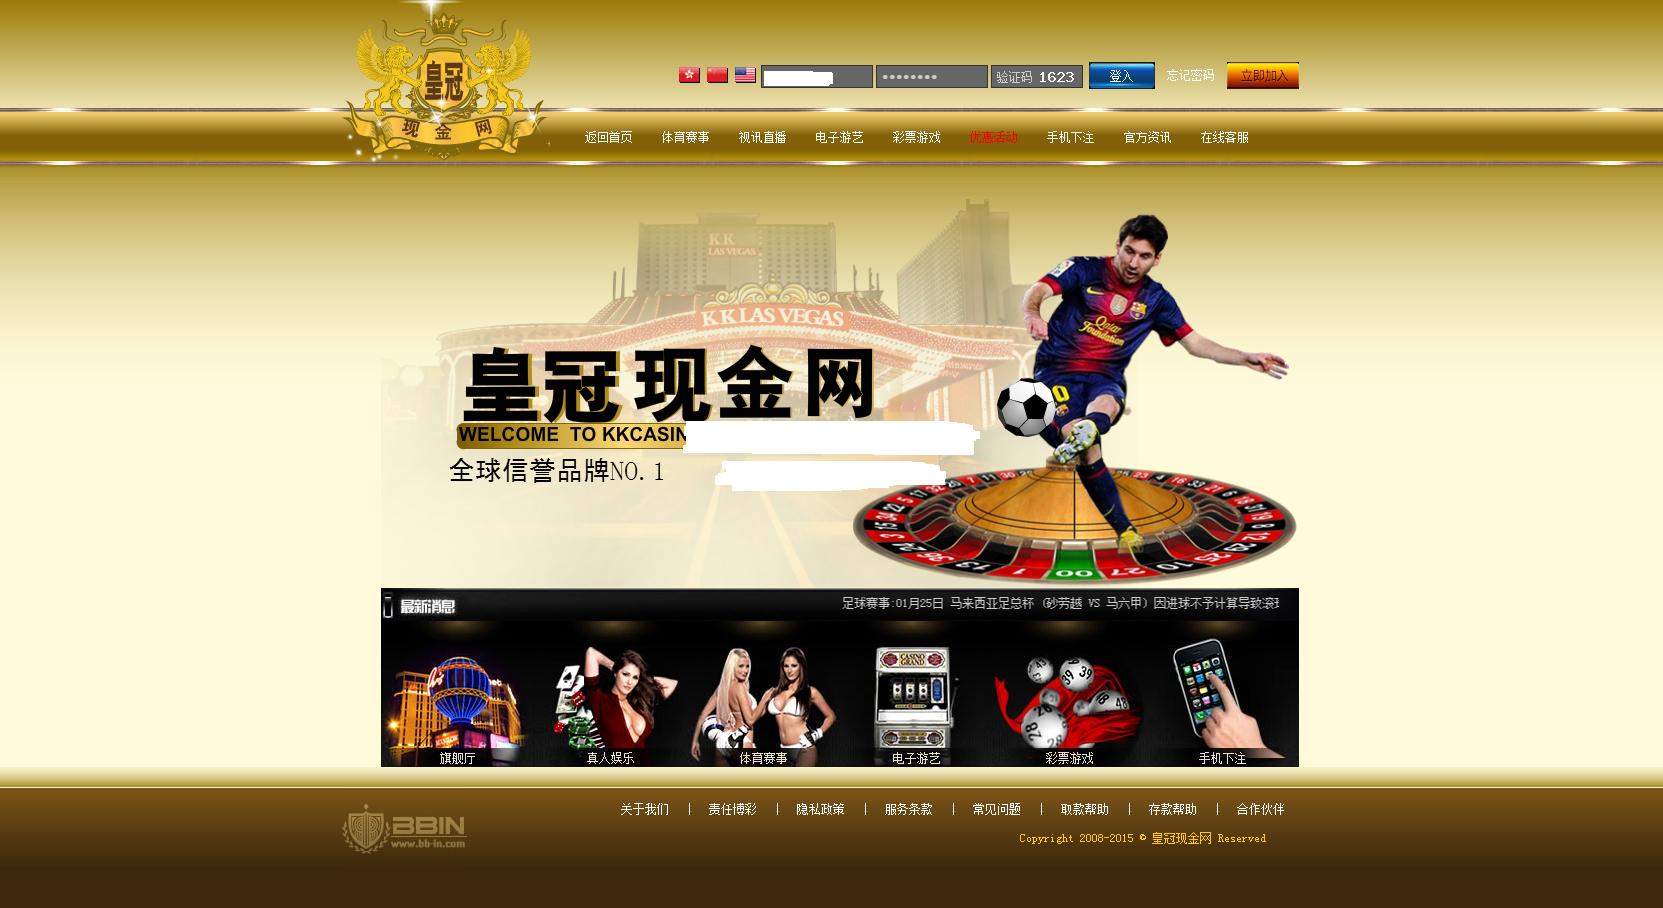 皇冠现金网源码|皇冠国际娱乐城整套源码